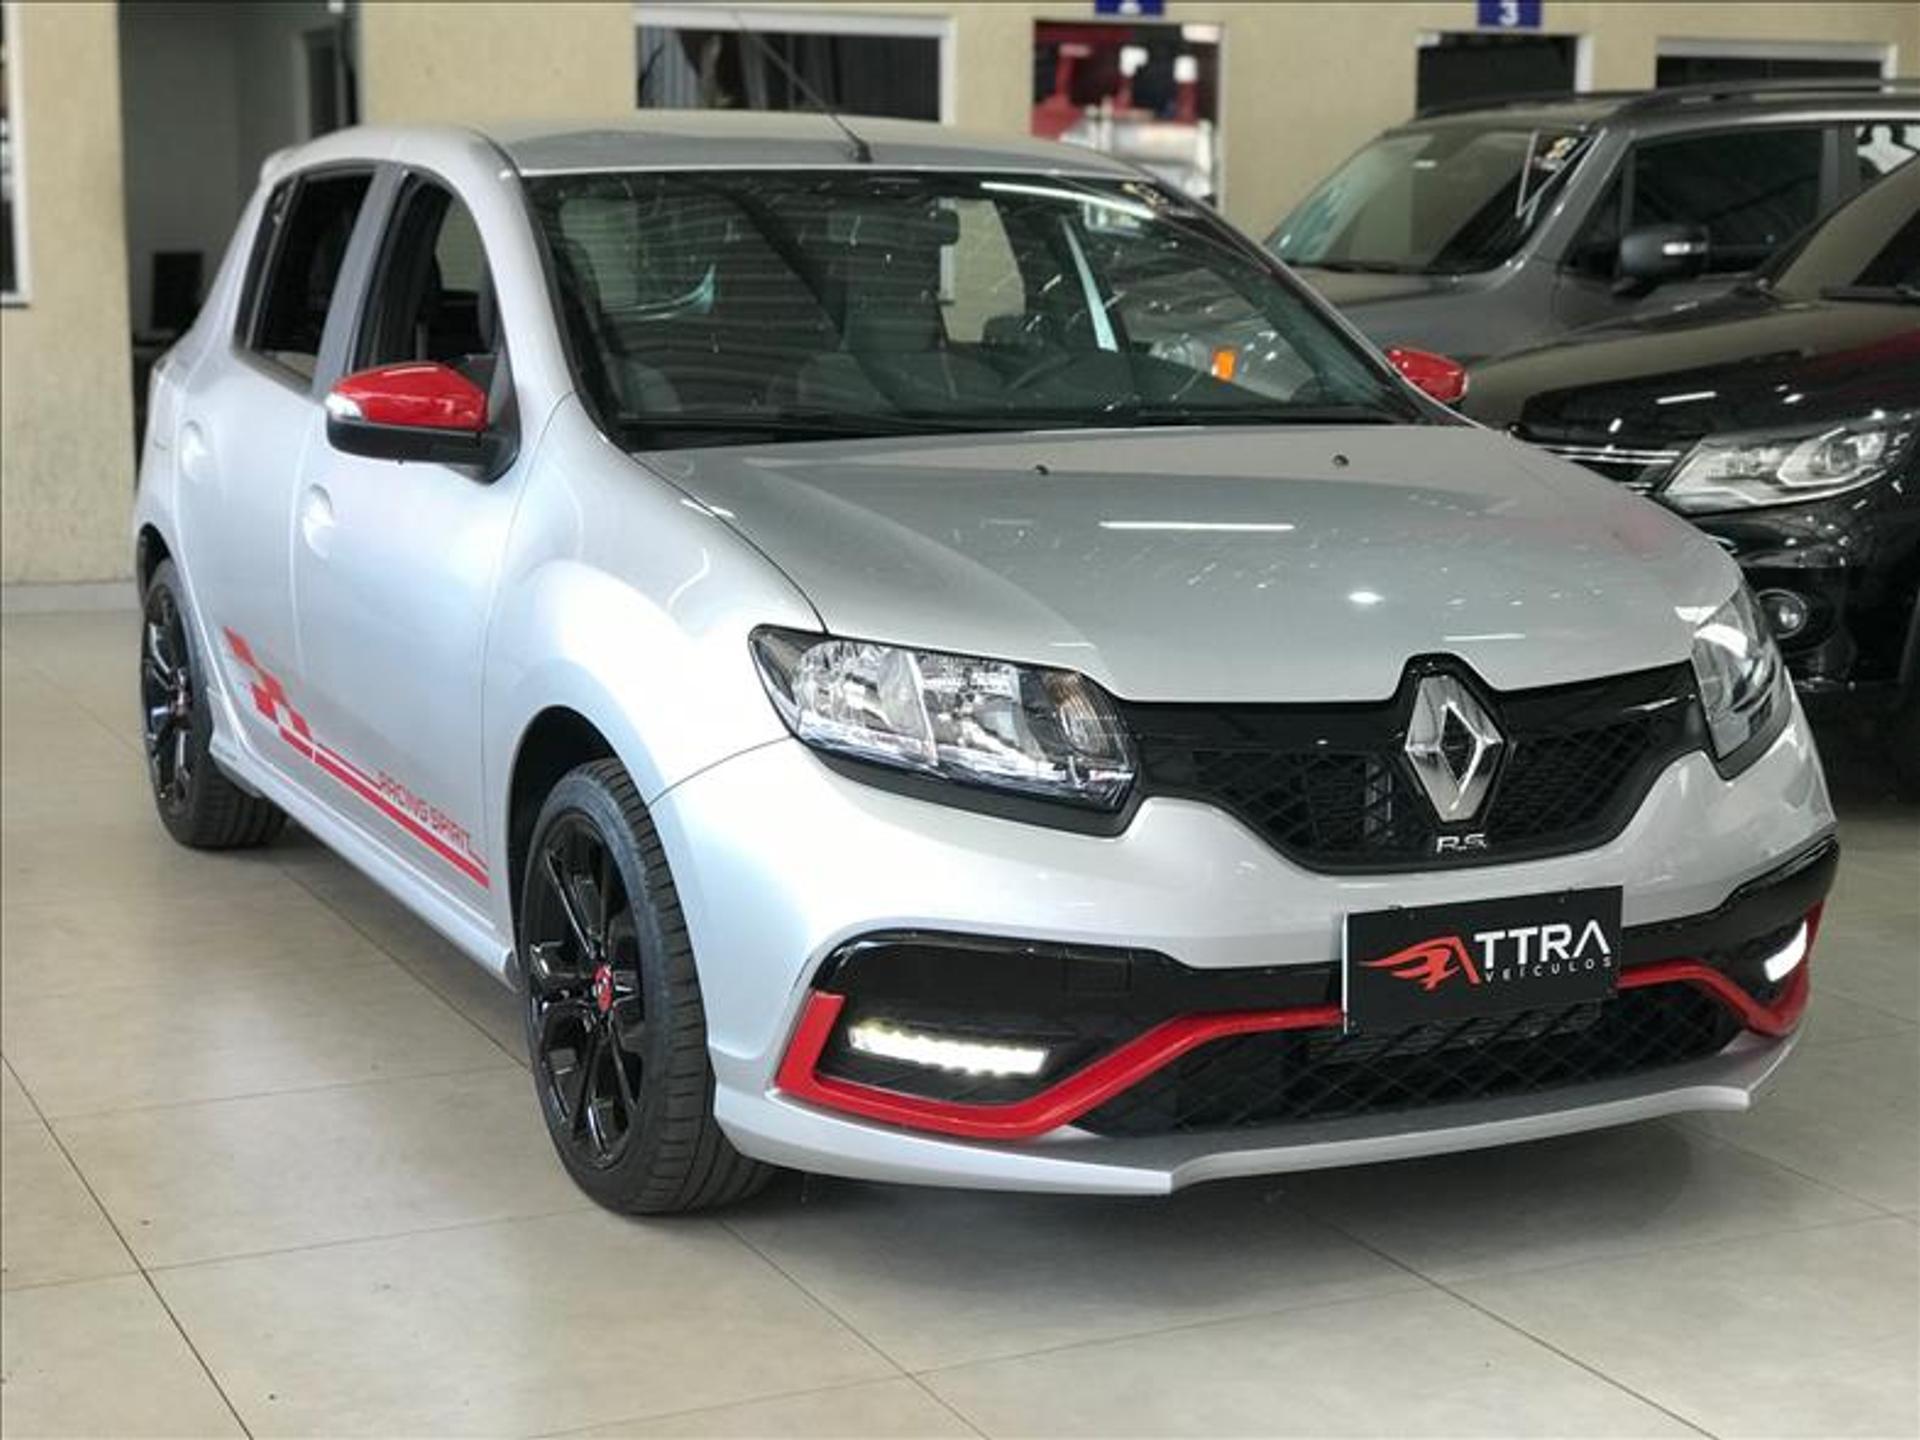 Renault Sandero 2.0 16v prata com detalhes vermelhos em anúncio da Webmotors